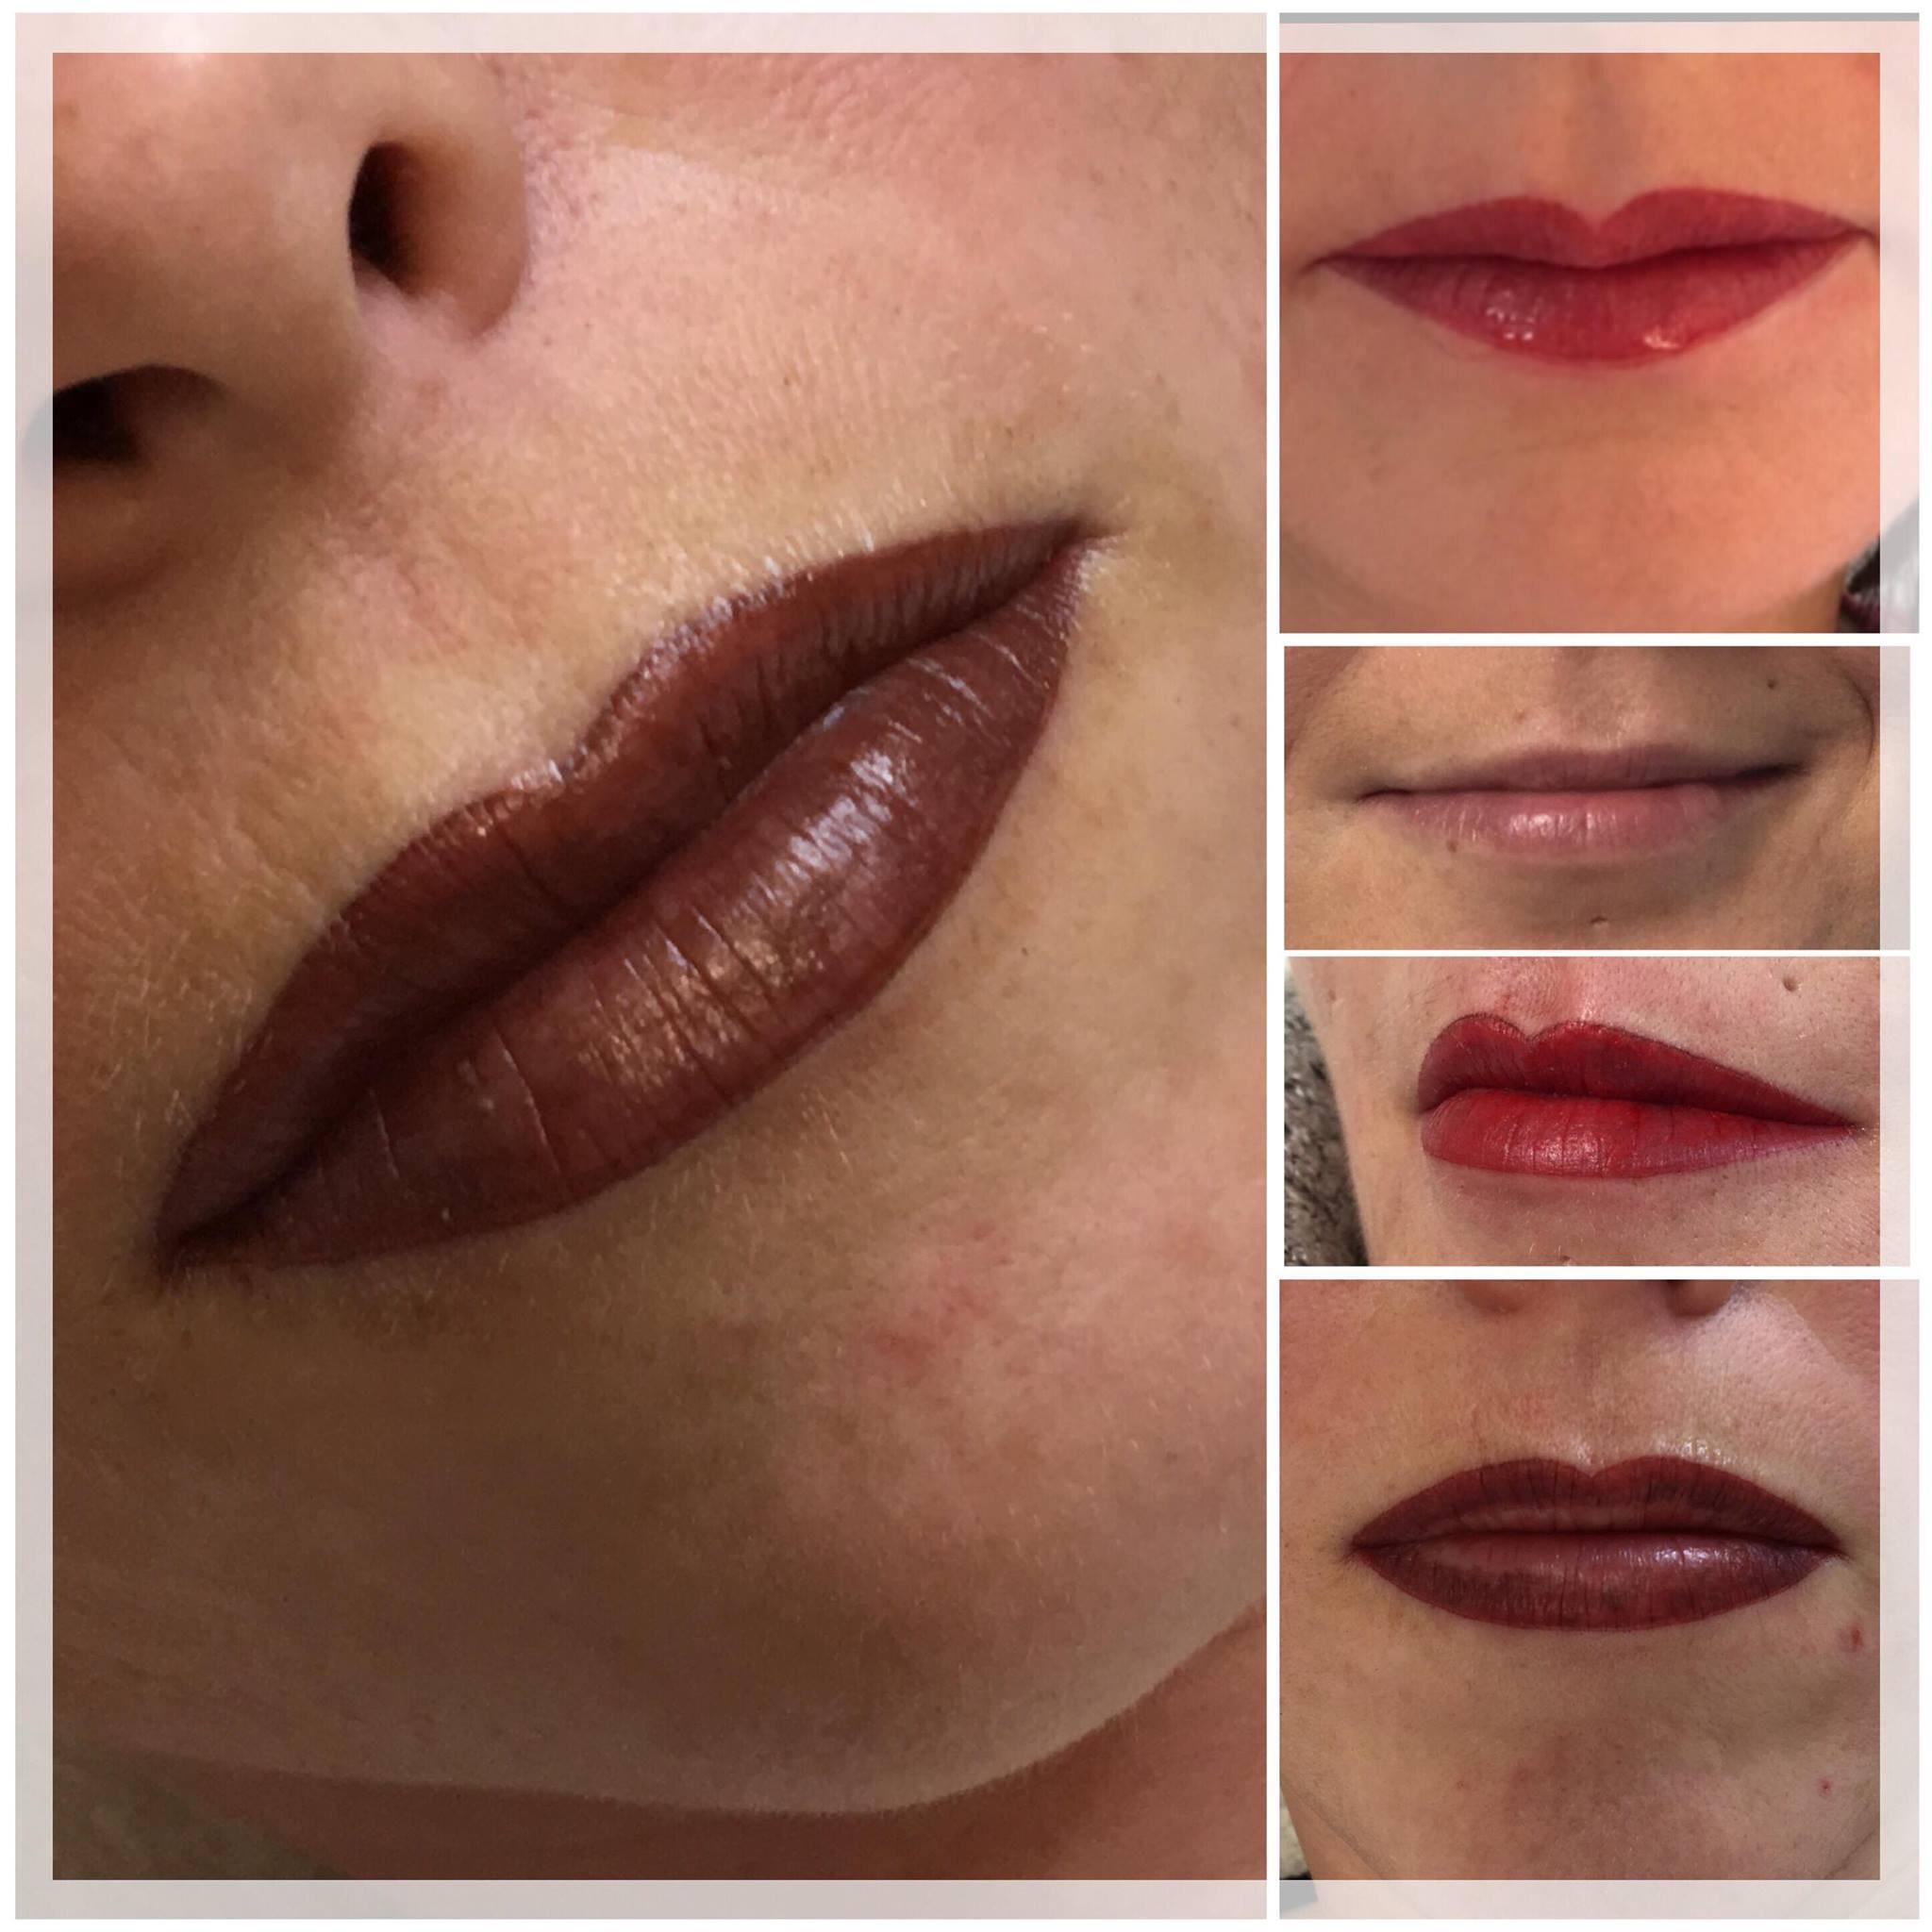 Lippenvollschattierung & Lippenteilschattierung unmittelbar nach der Behandlung (Die Farbe wird noch bis zu 50 % heller)